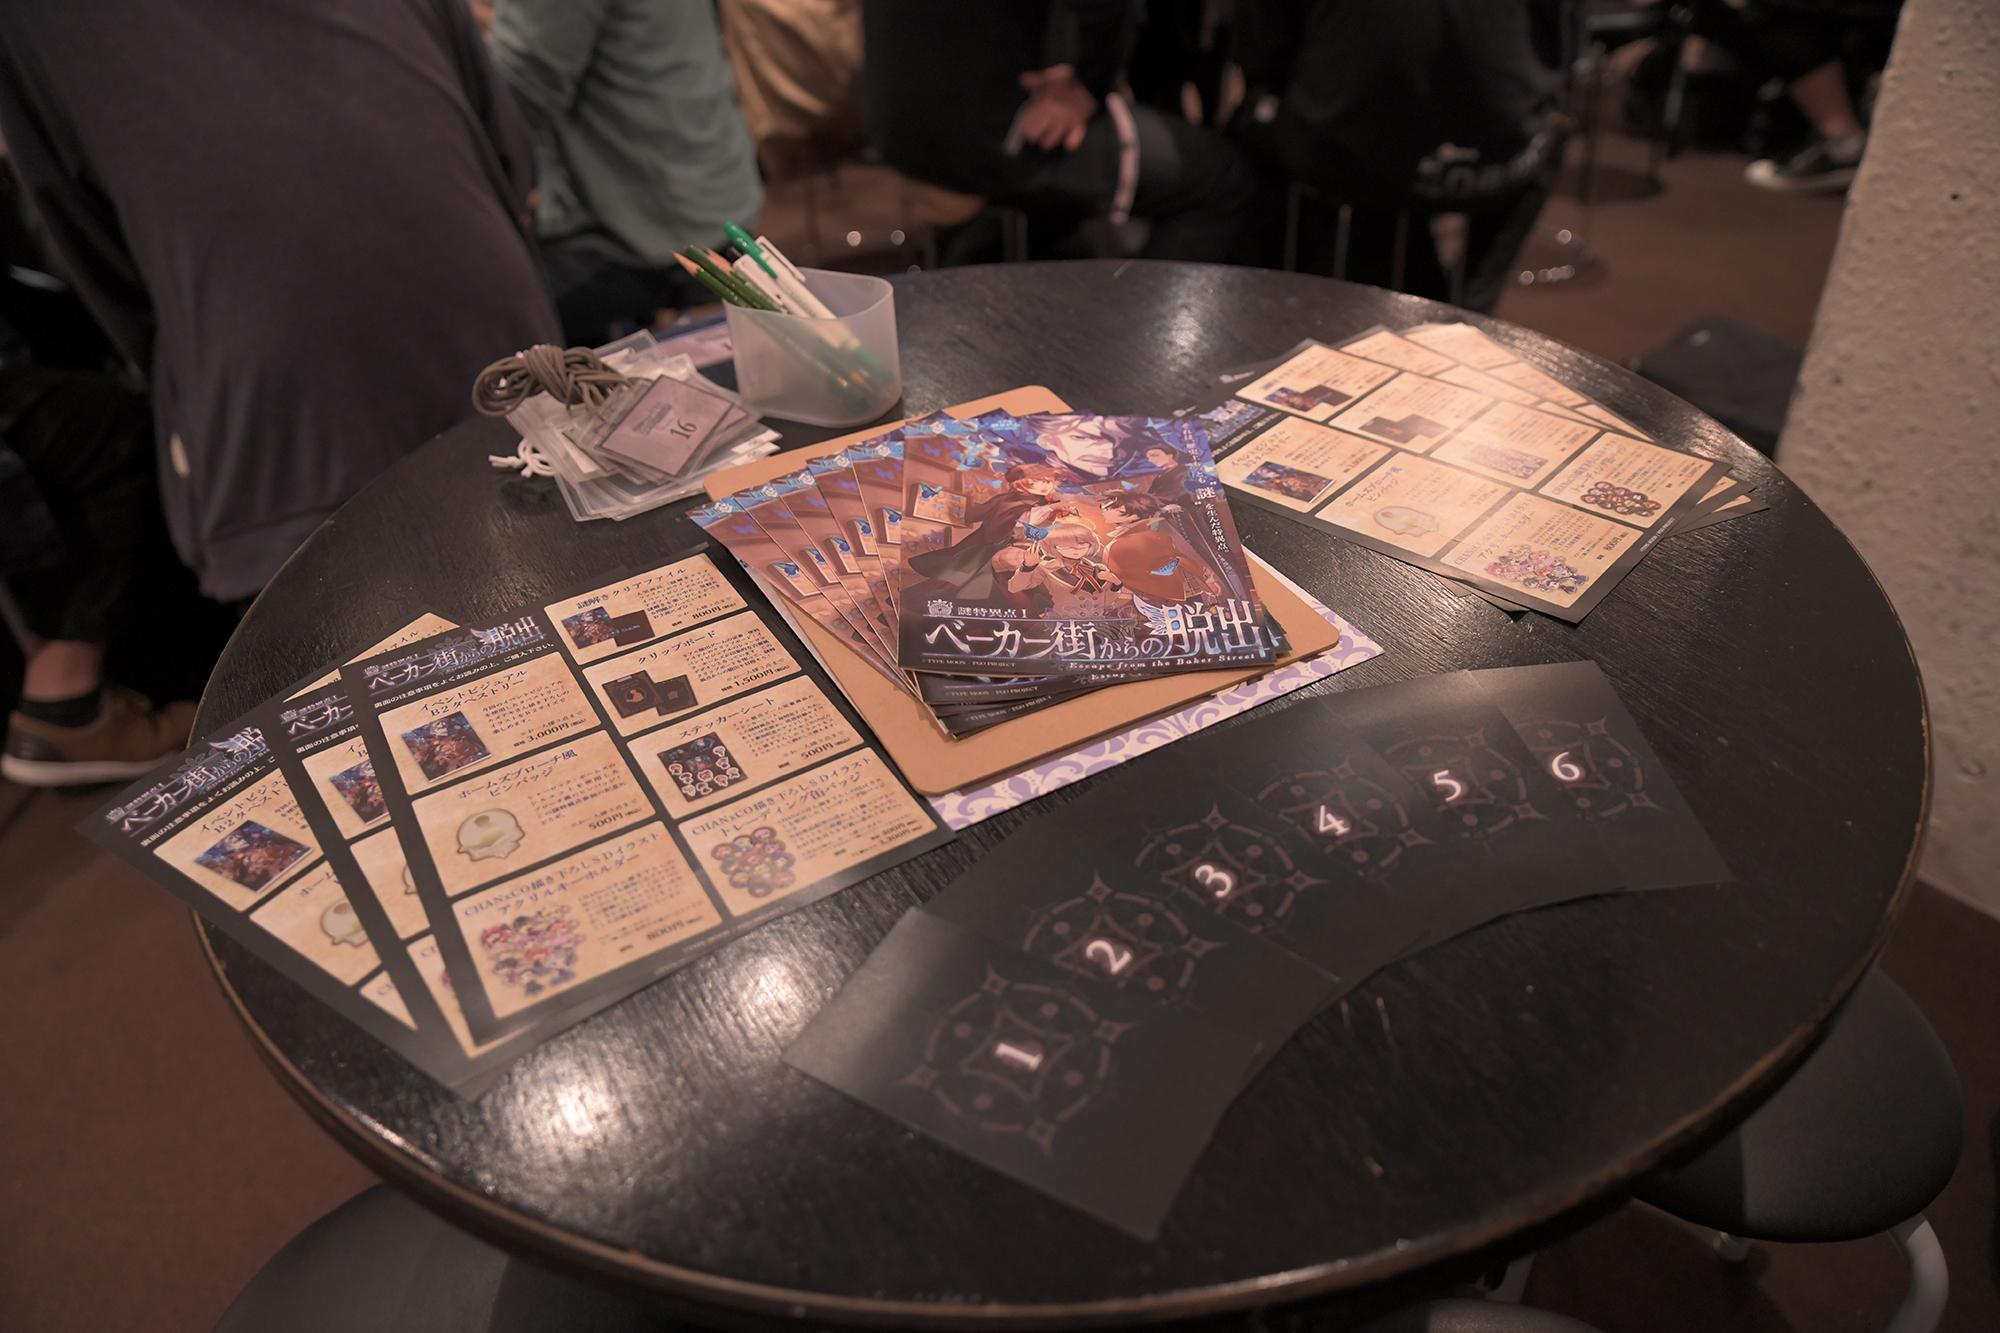 テーブル上にはゲームのパンフレットとサーヴァント召喚カードがプレイヤーを待っている。誰が自分のサーヴァントになるかはゲームが始まってからのお楽しみだ